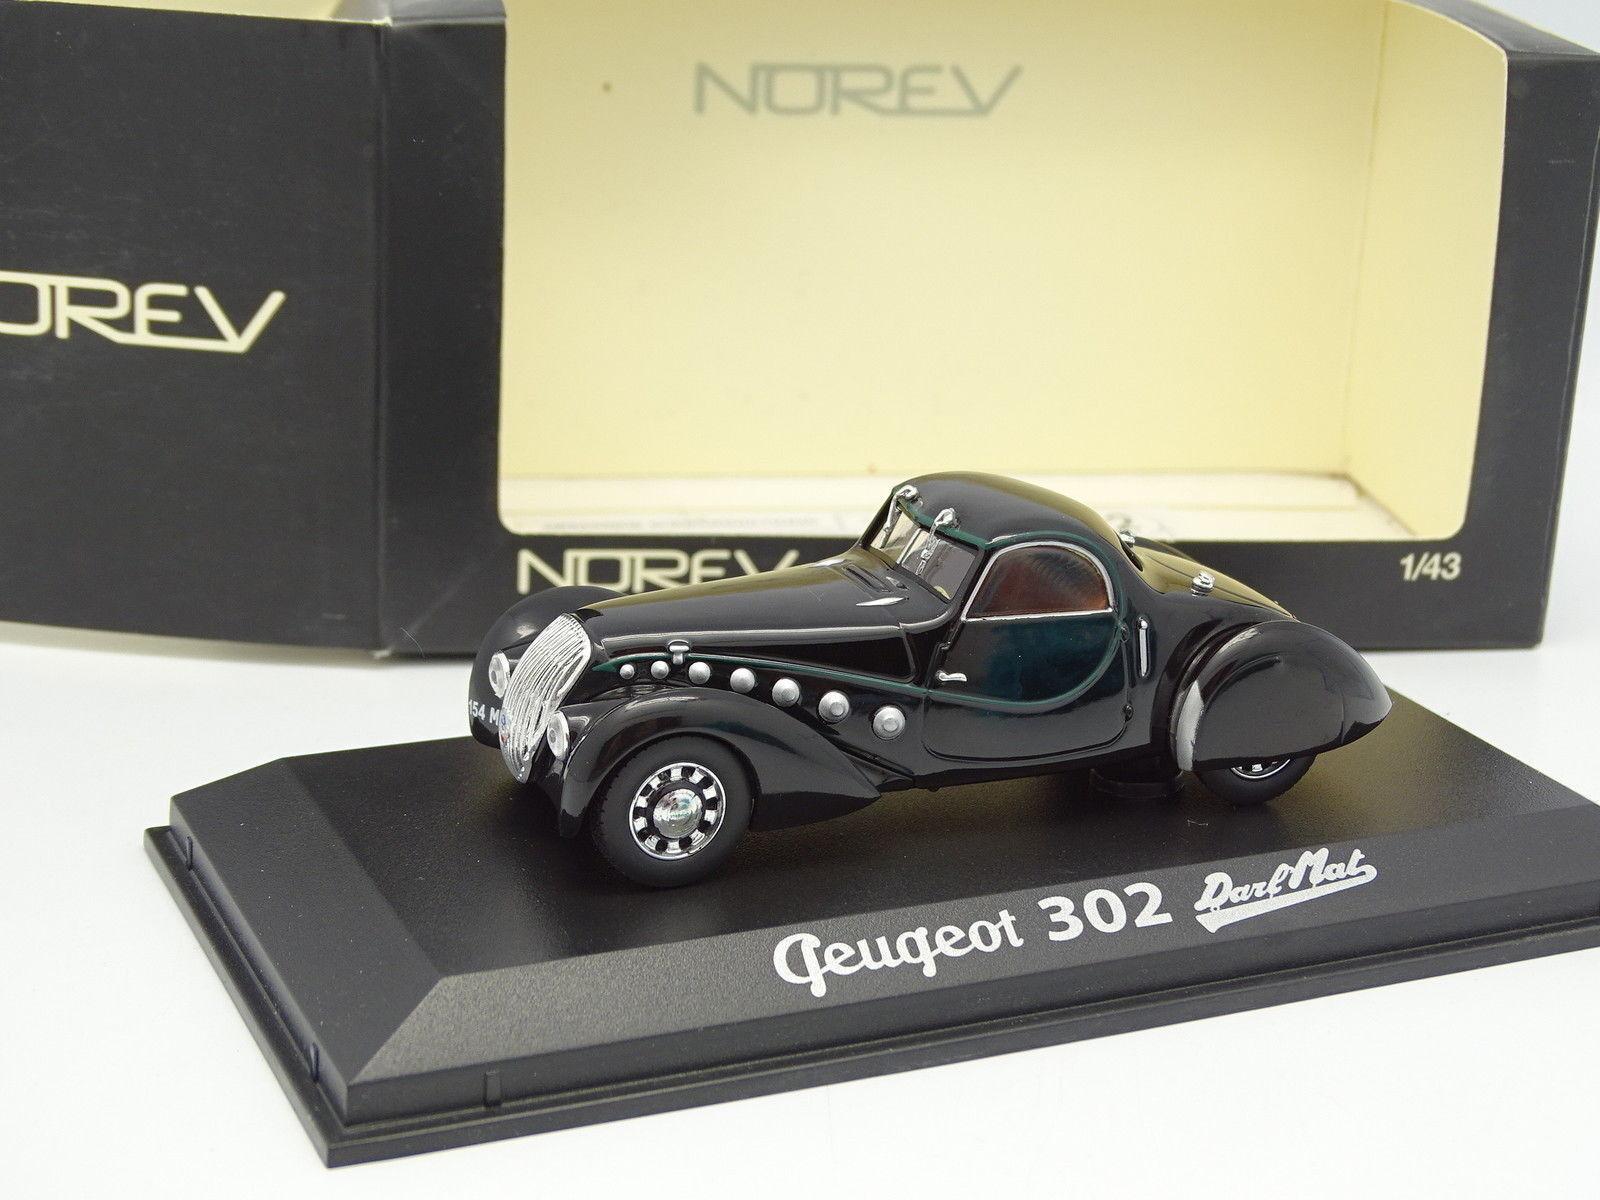 moda clasica Norev 1 43 - Peugeot 302 Darl Darl Darl Mate Negra  muchas sorpresas